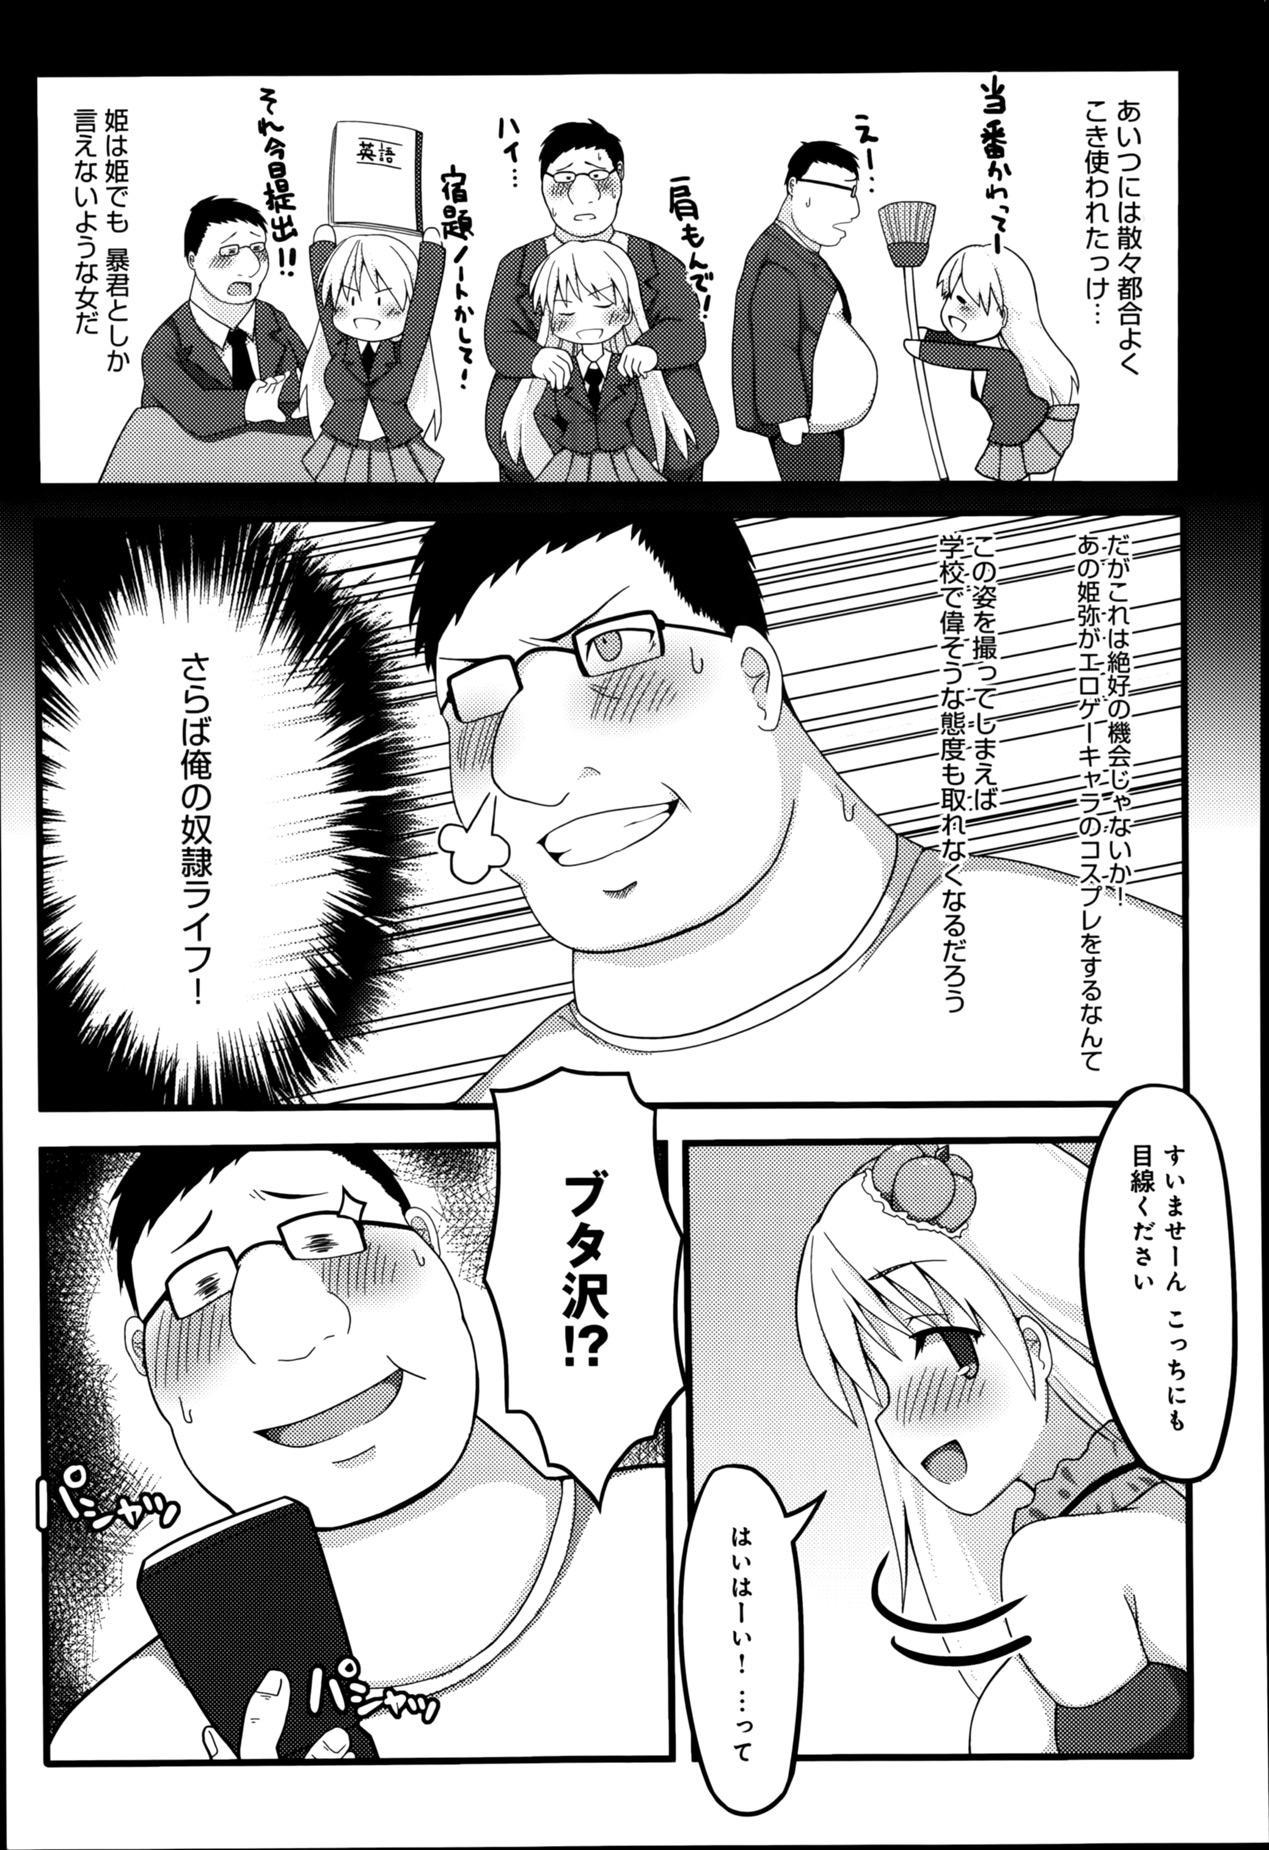 Comic Anthurium 009 2014-01 299